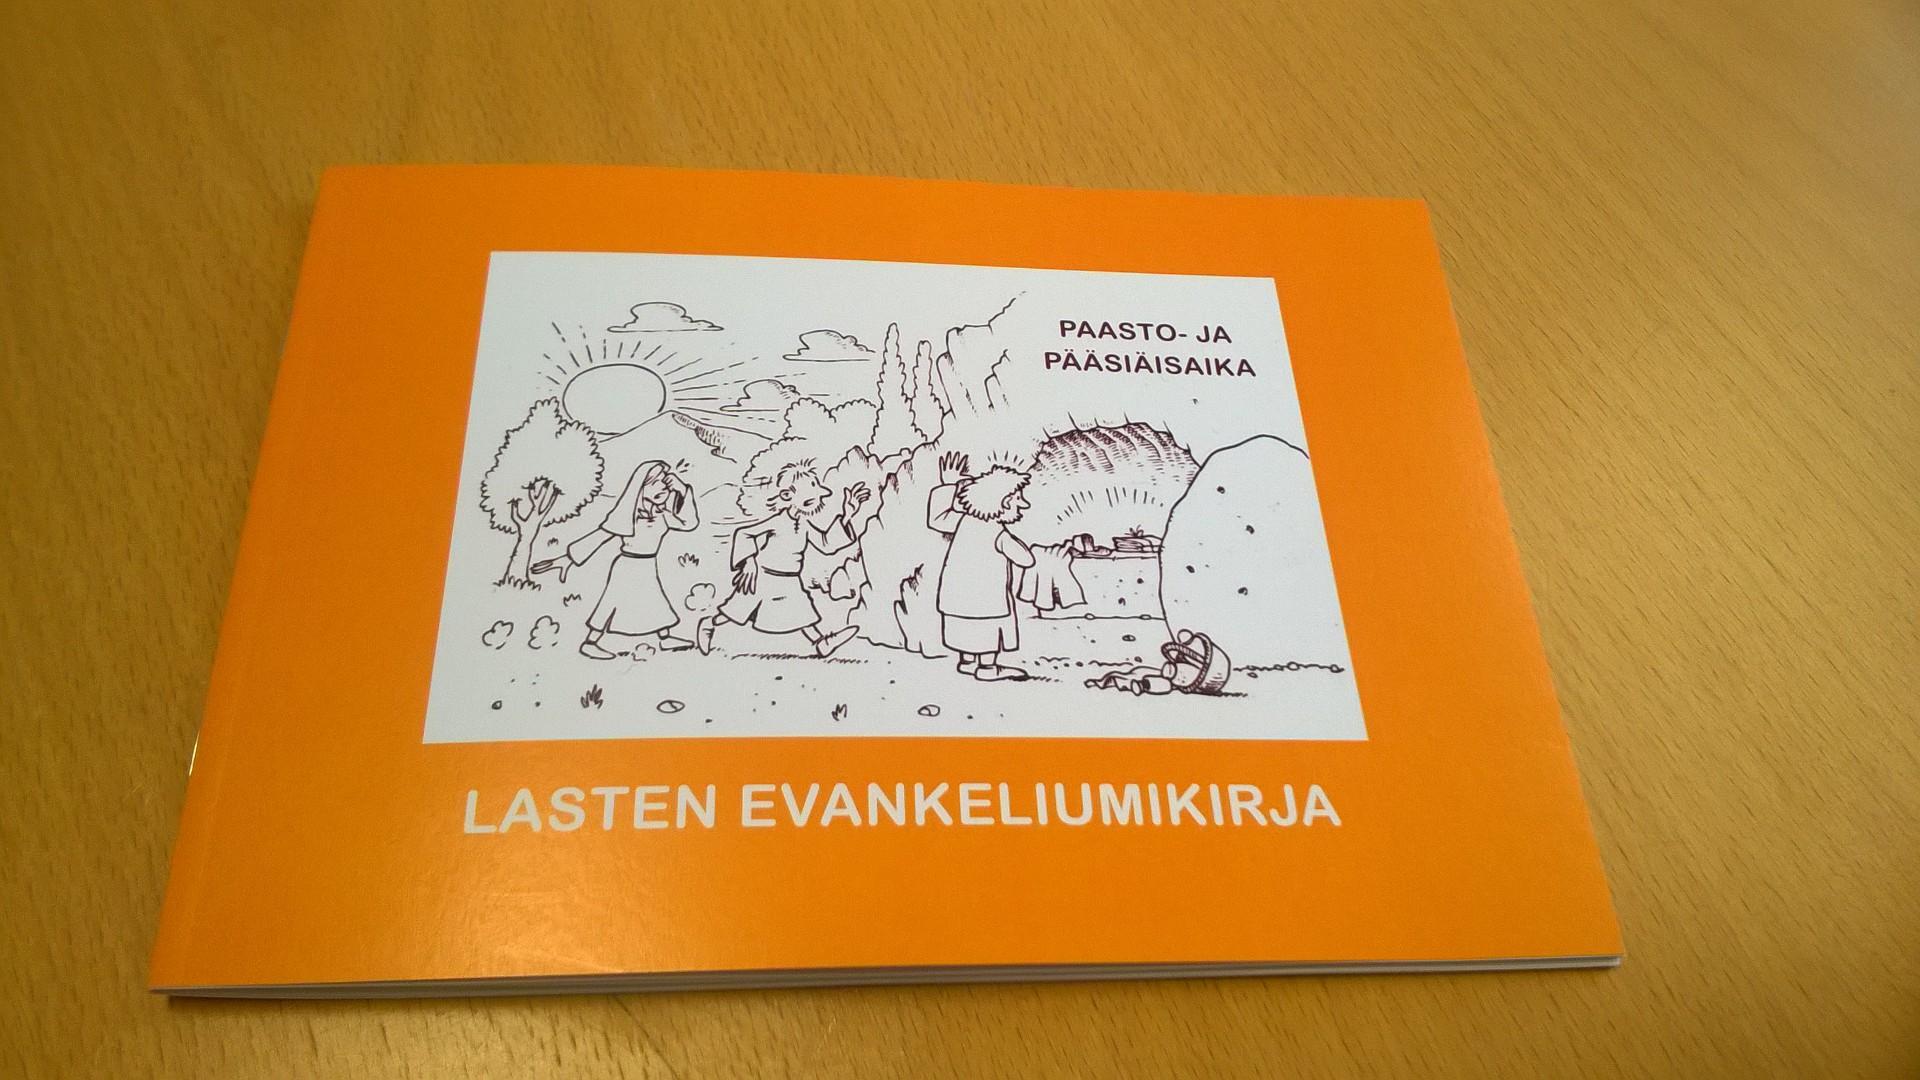 Lasten evankeliumikirja paasto- ja pääsiäisajalle